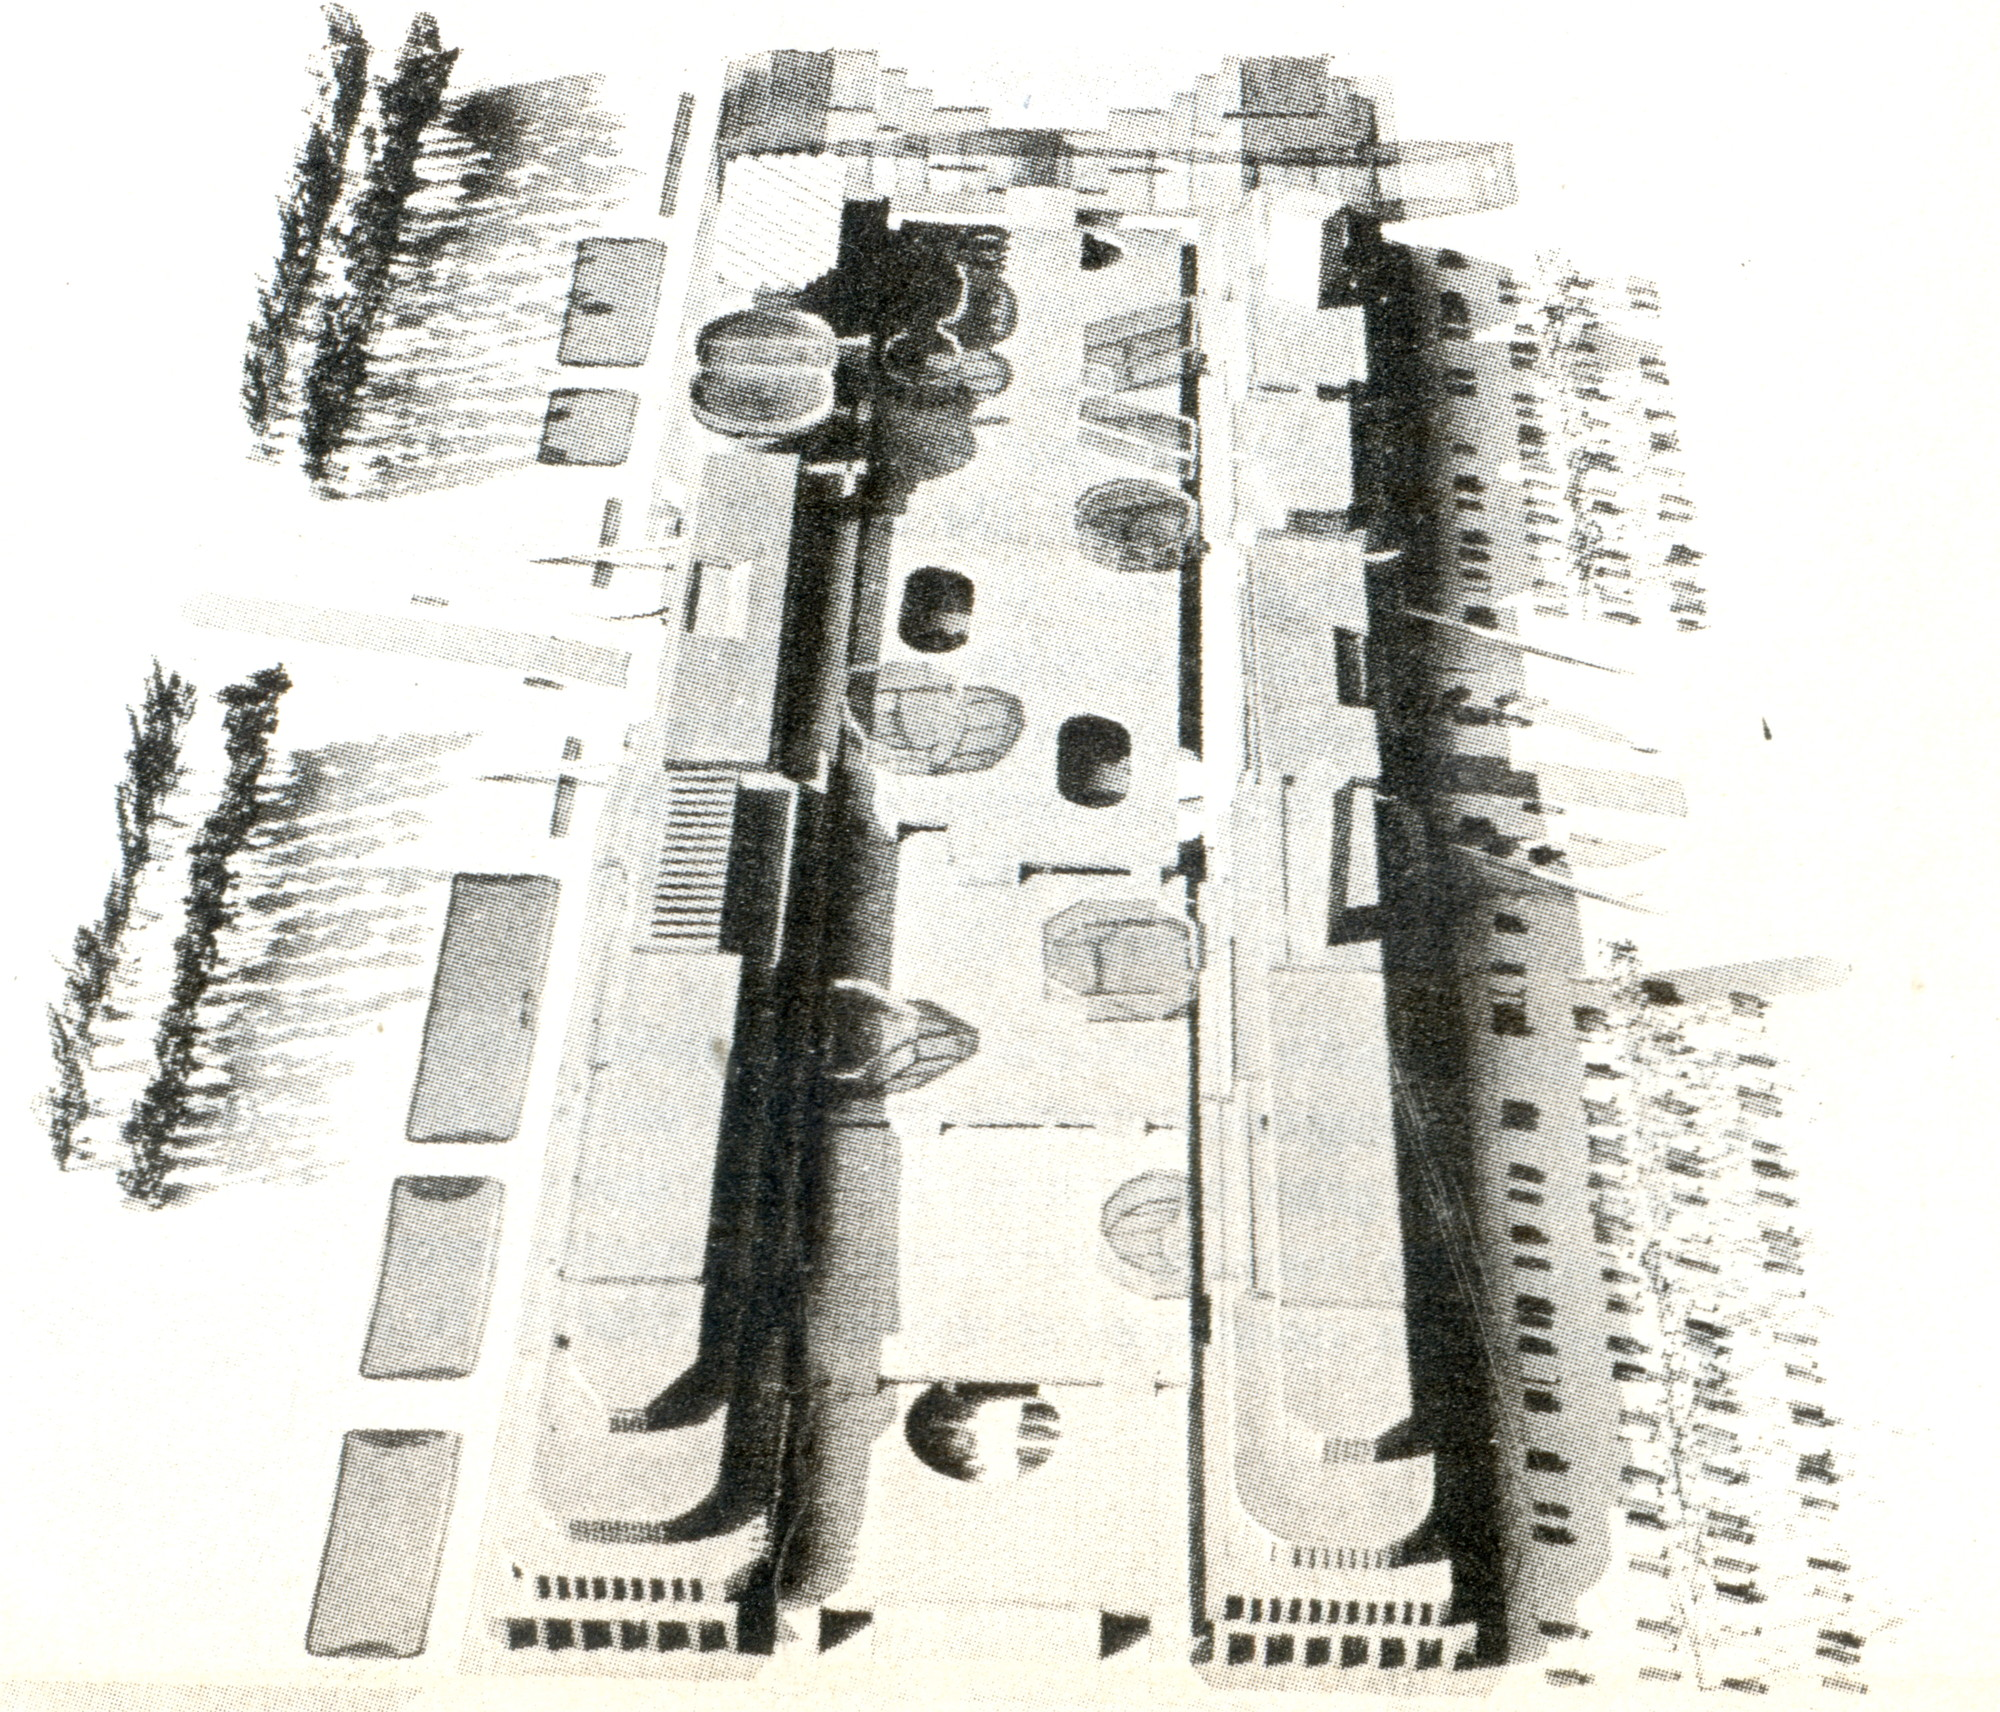 Maqueta del Centro Cívico. Image Cortesia de CA 18